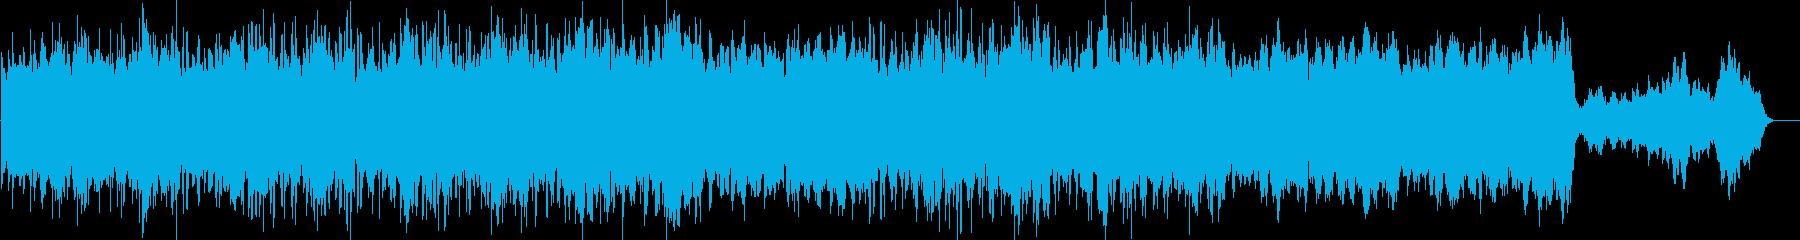 華やかさのある幻想的なメロディーの再生済みの波形